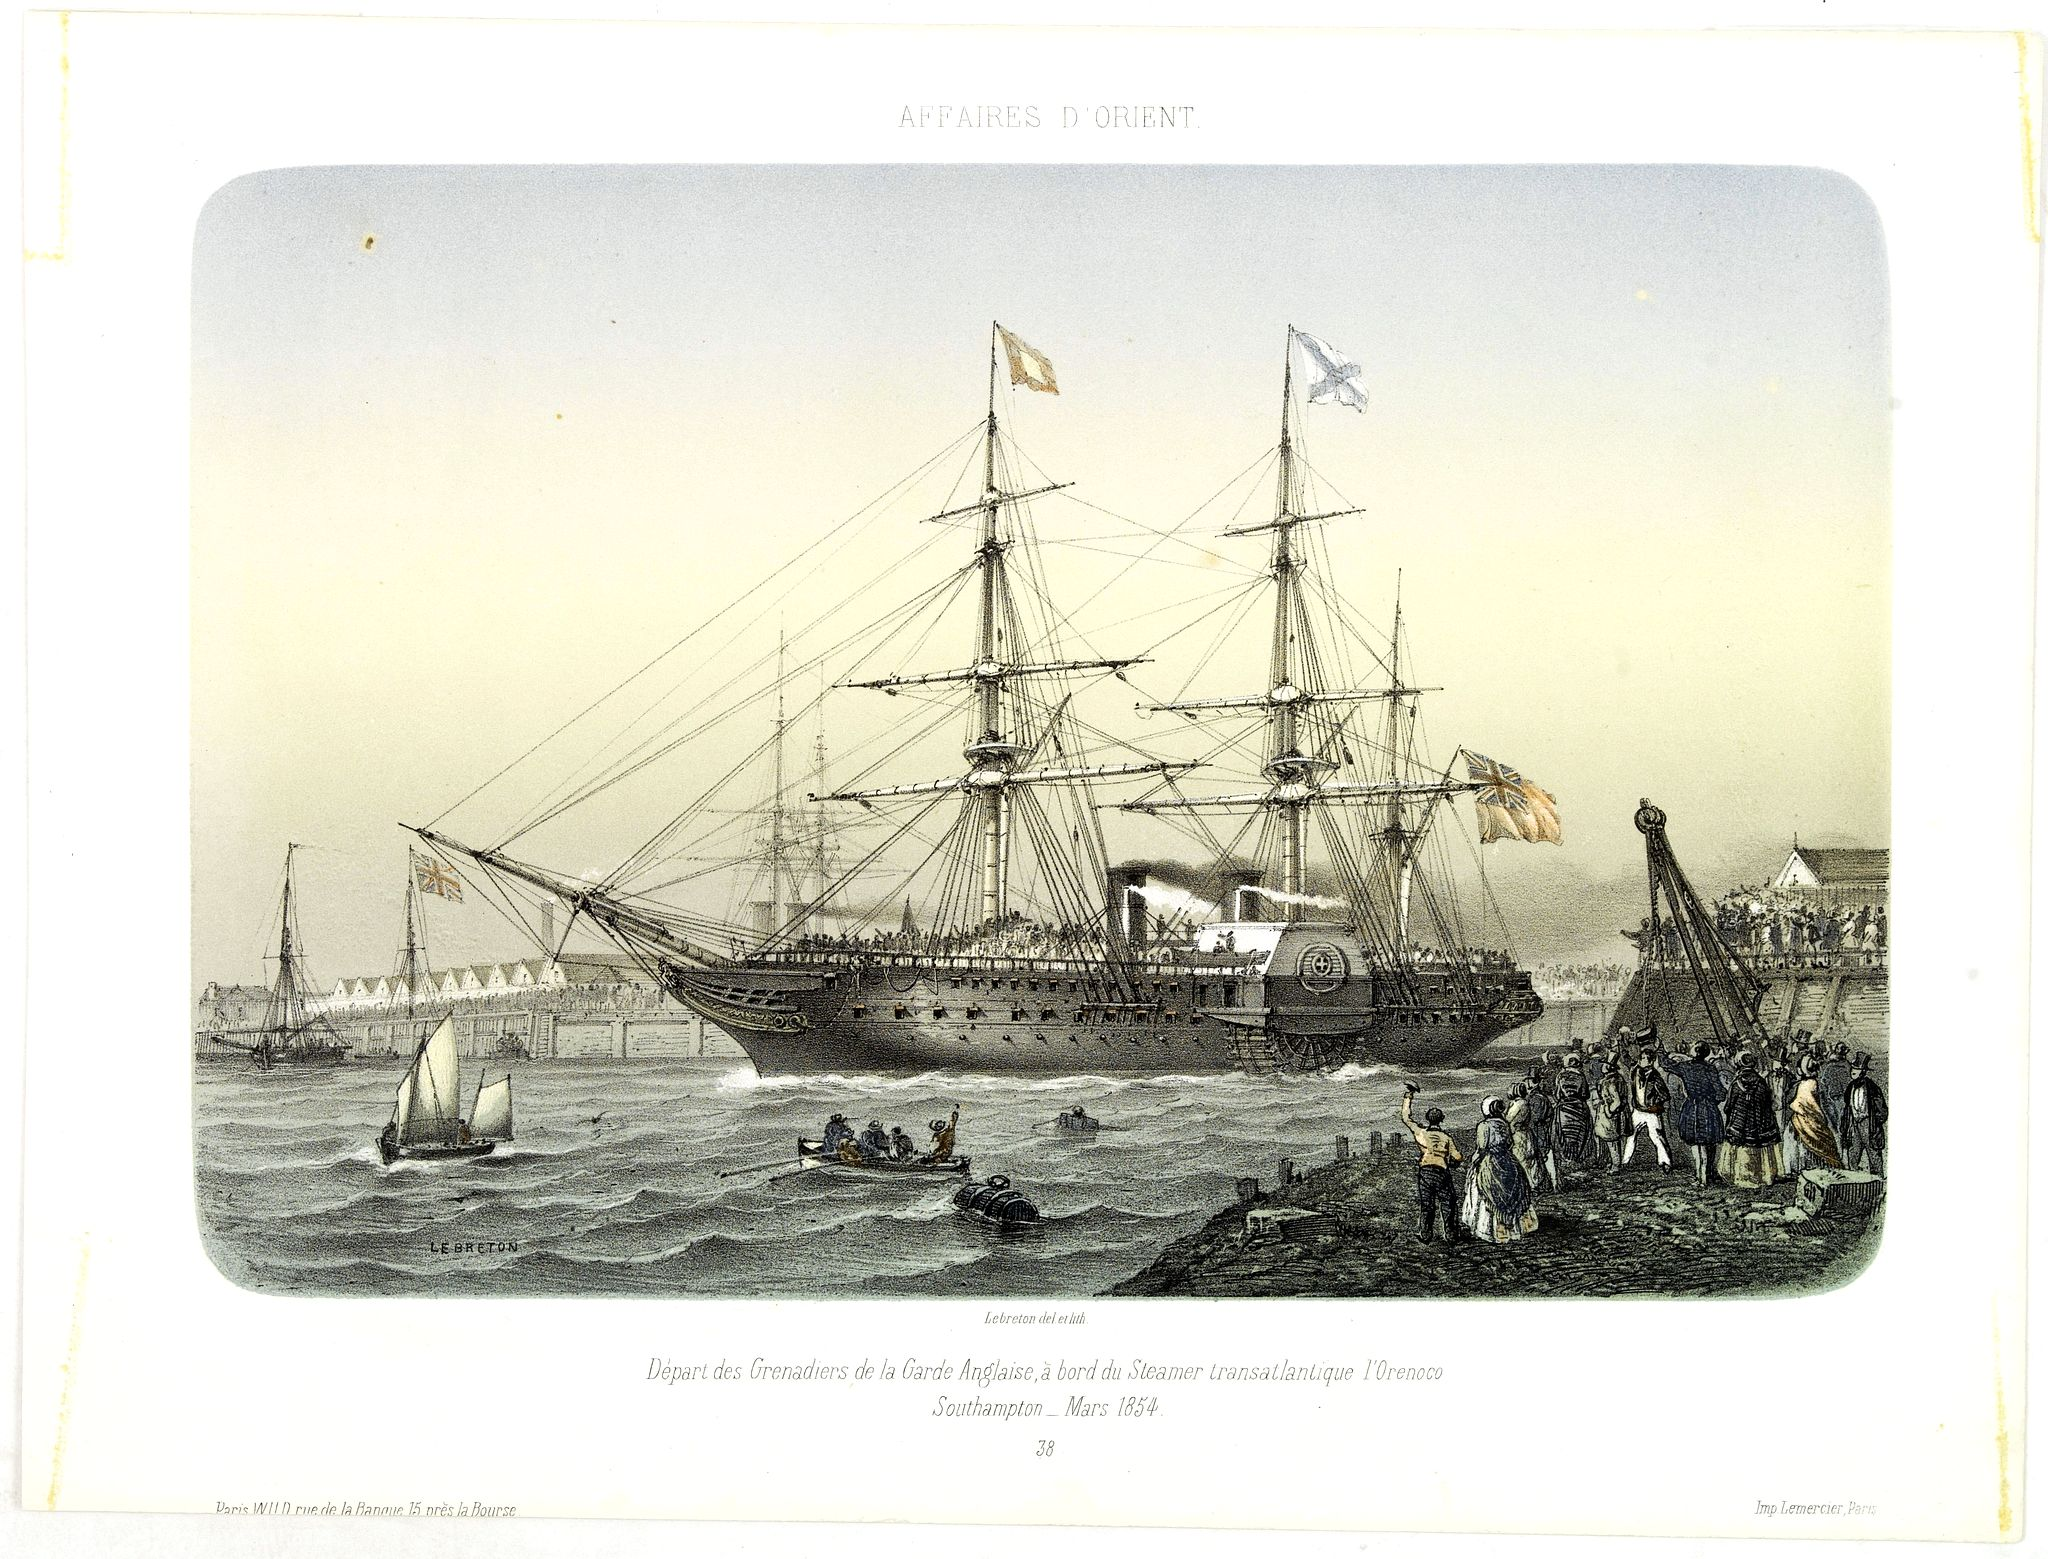 LEBRETON, L. -  AFFAIRES D'ORIENT Départ des Grenadiers de la Garde Anglaise, à bord du Steamer transatlantique l'Orenoco. . .